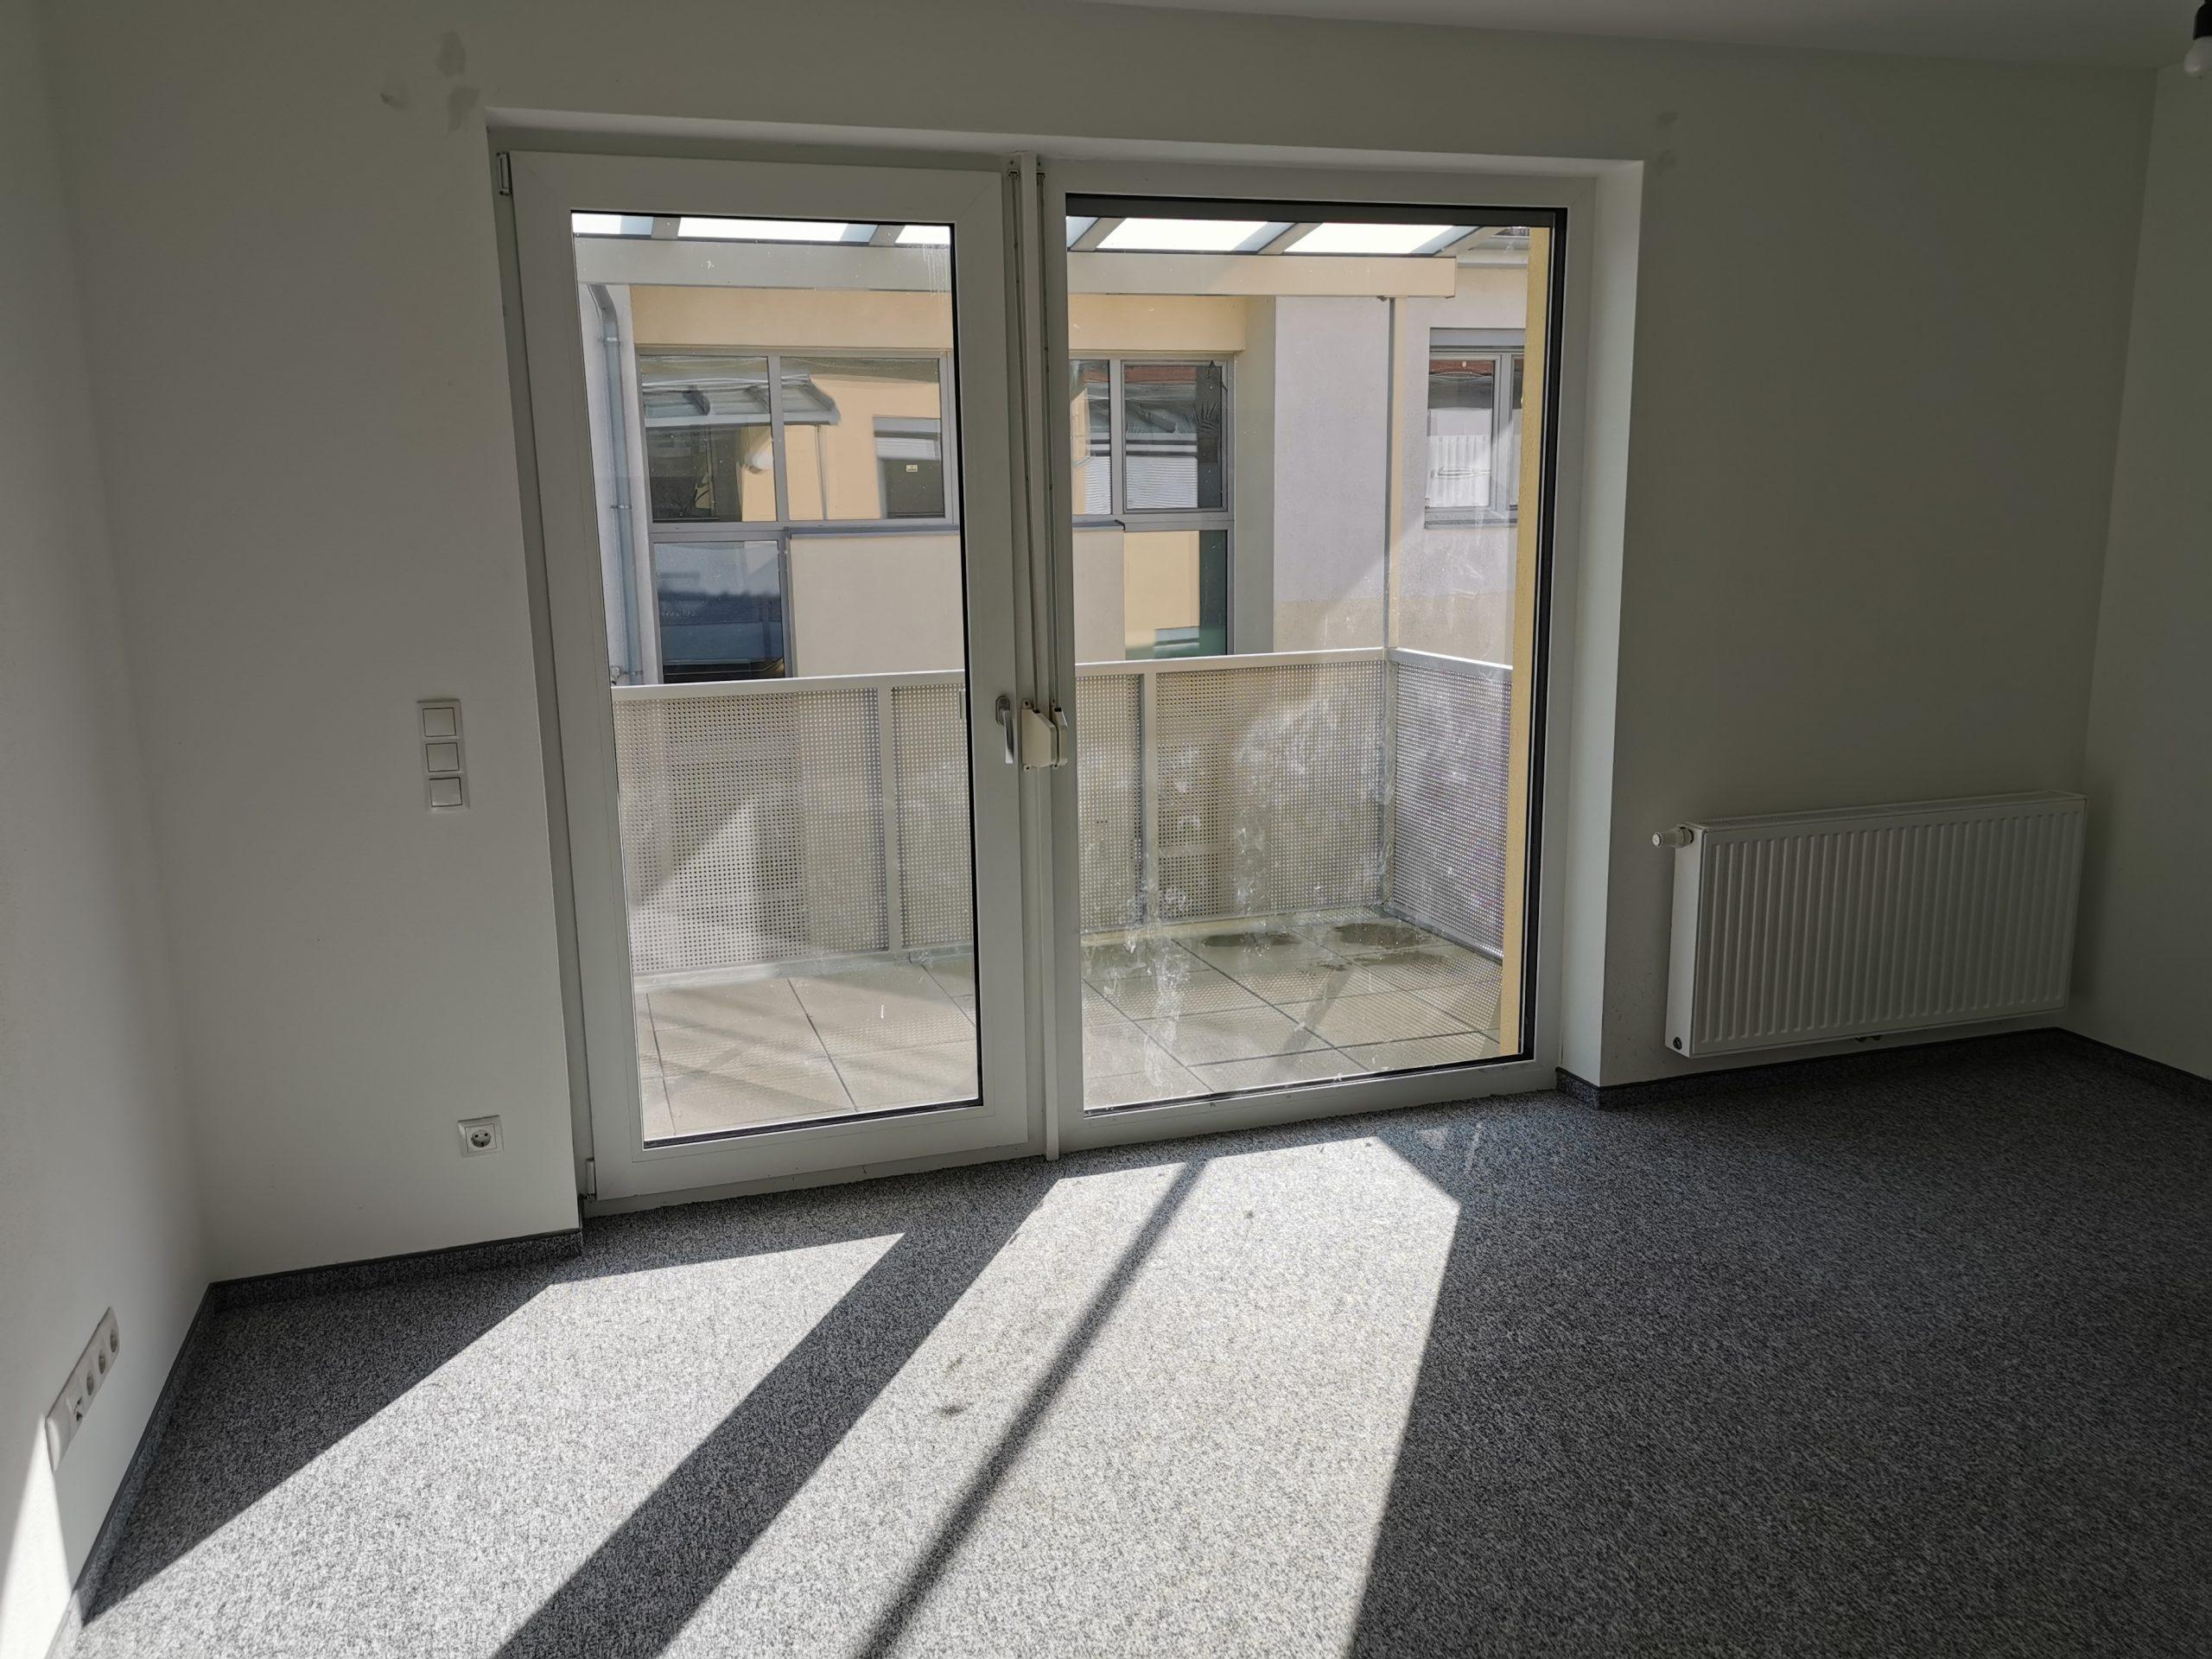 Immobilie von Kamptal in 2184 Hauskirchen, Gänserndorf, Hauskirchen I/2 - Top 5 #1